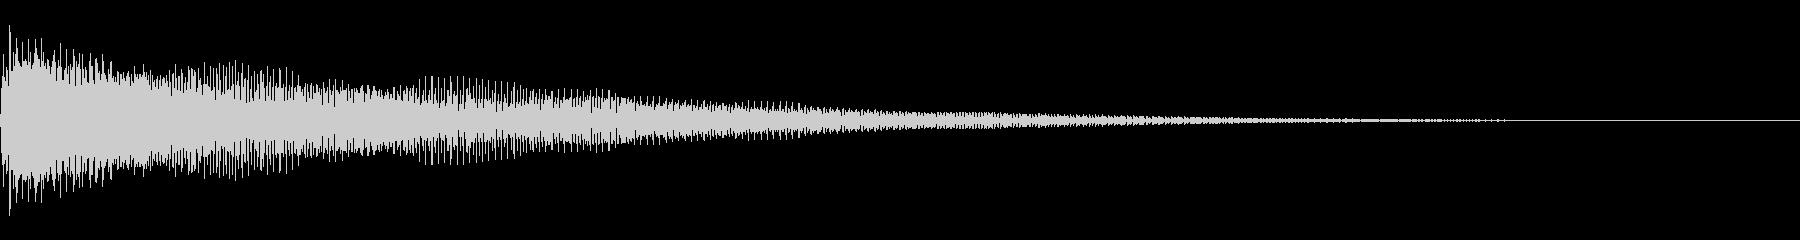 [生録音]グランドハープ-06-A1の未再生の波形